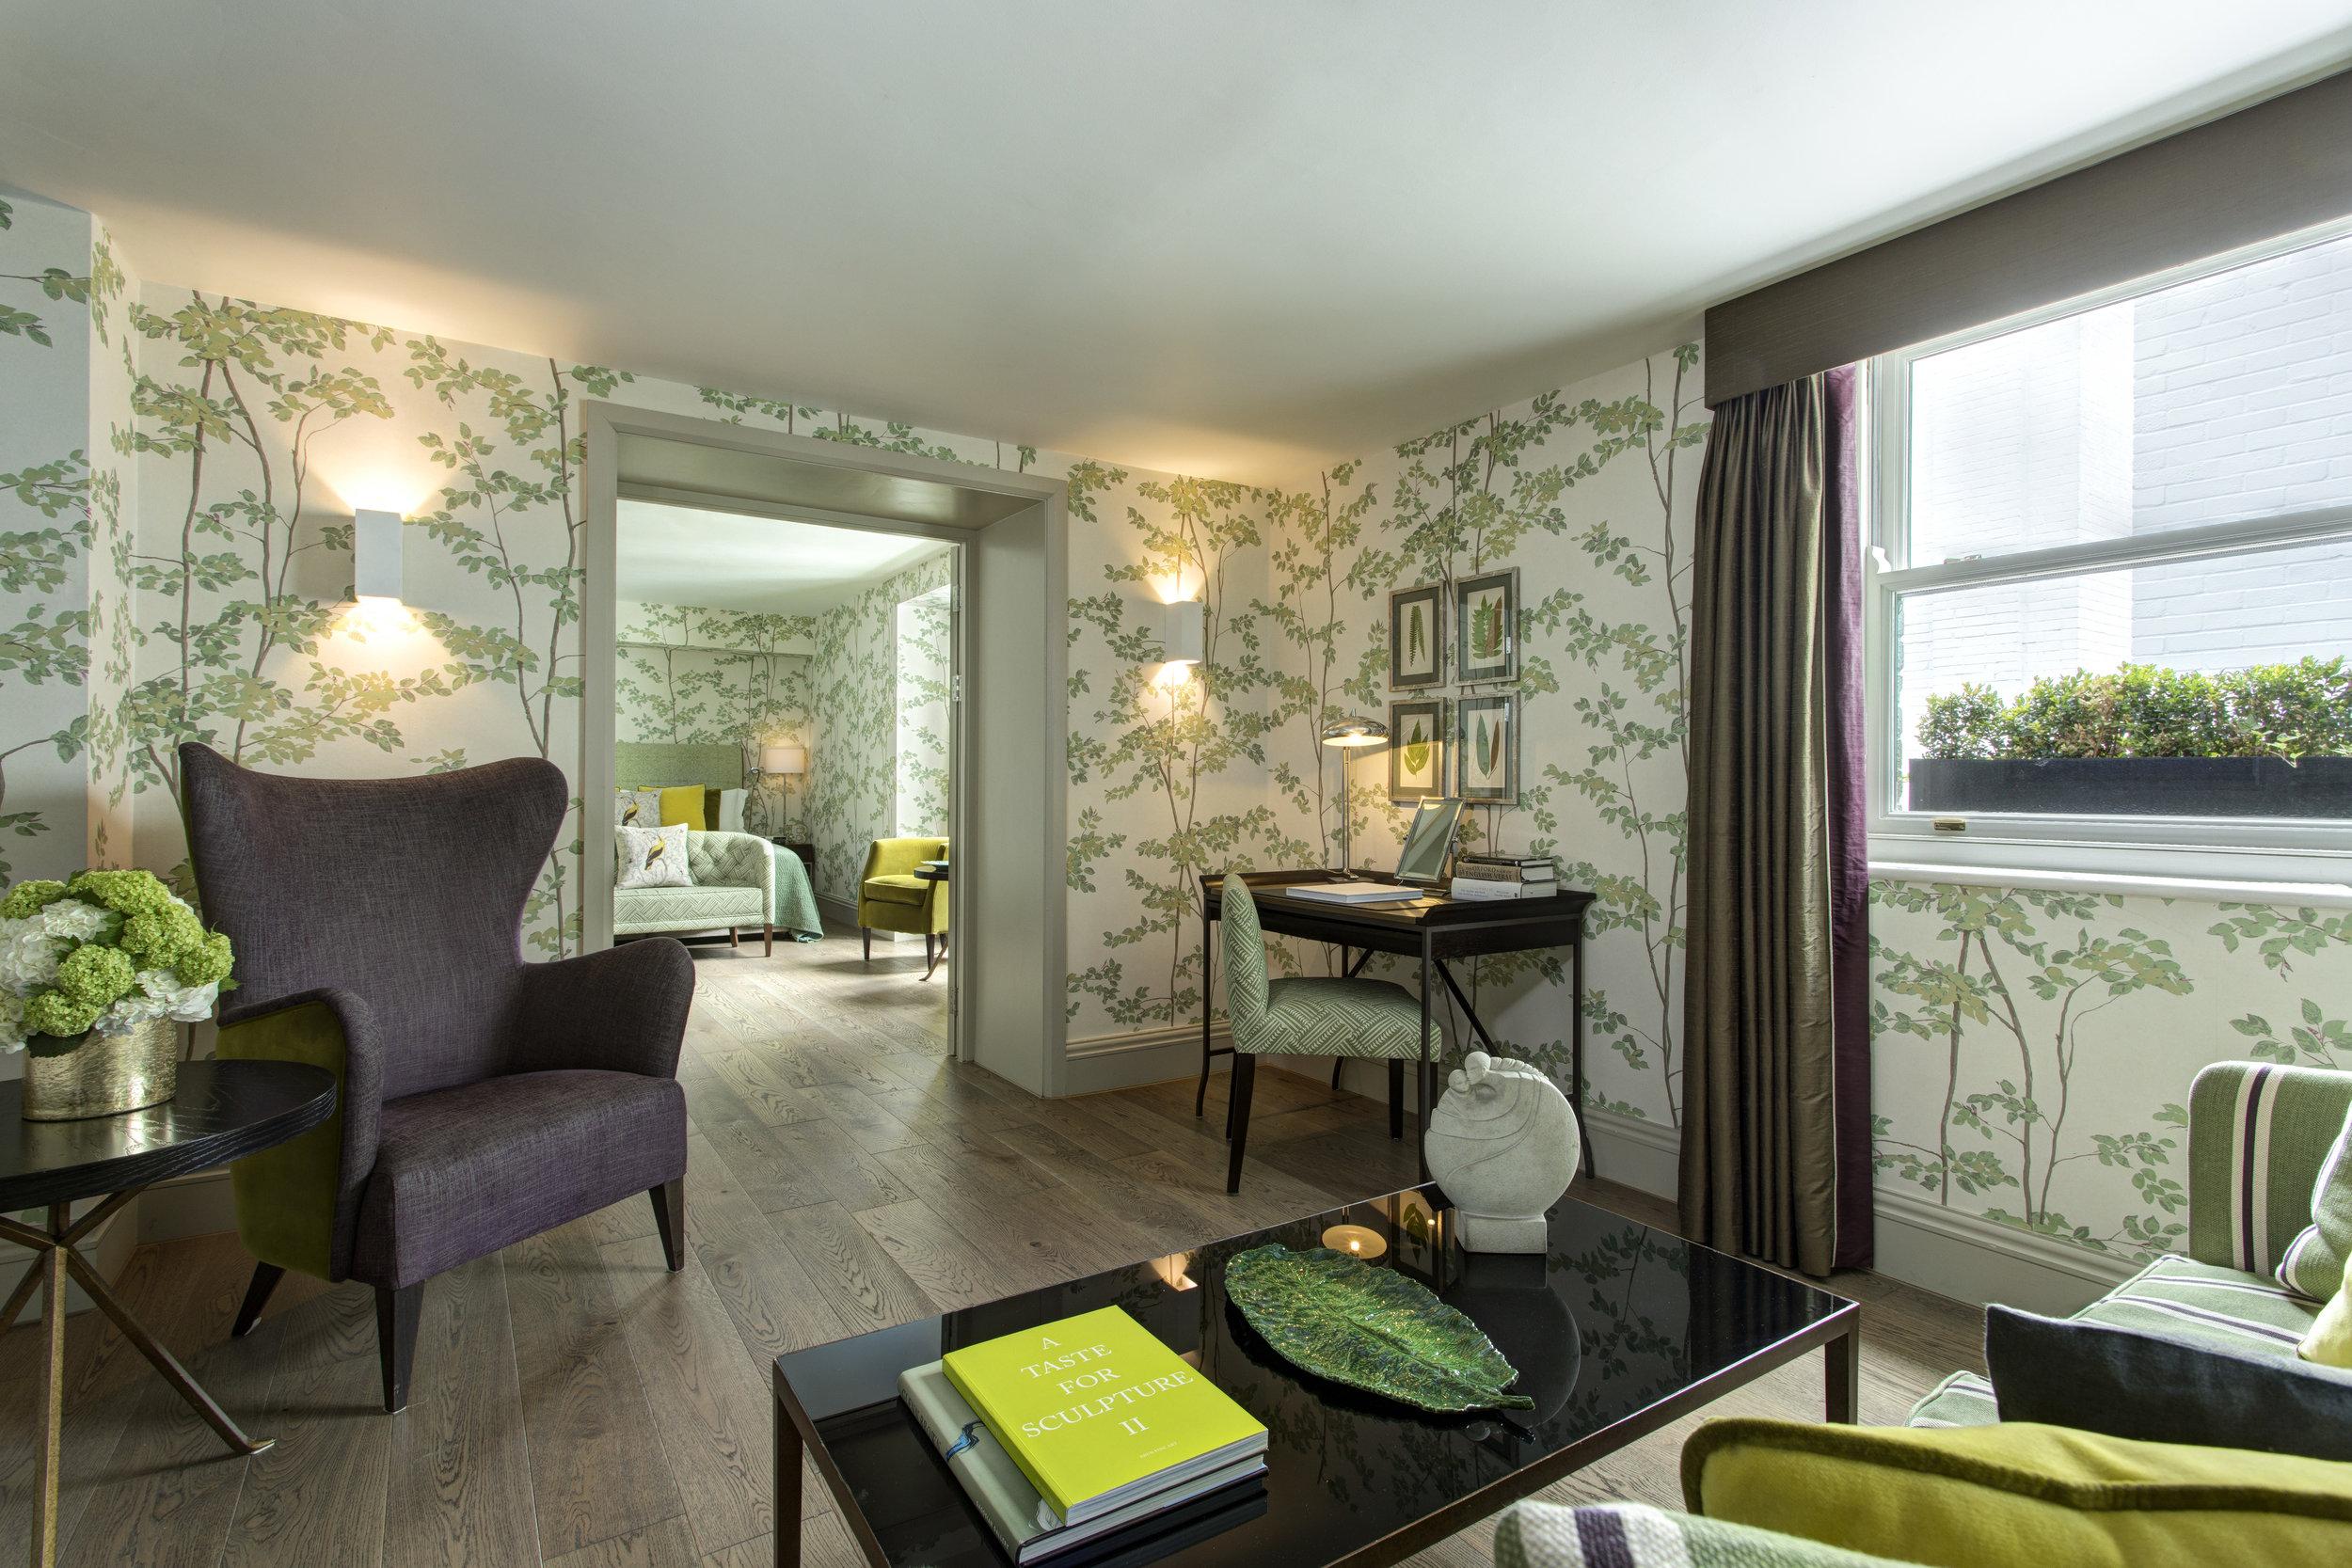 13 RFH Brown's Hotel - Brown's Suite 6368 Jul 17.JPG